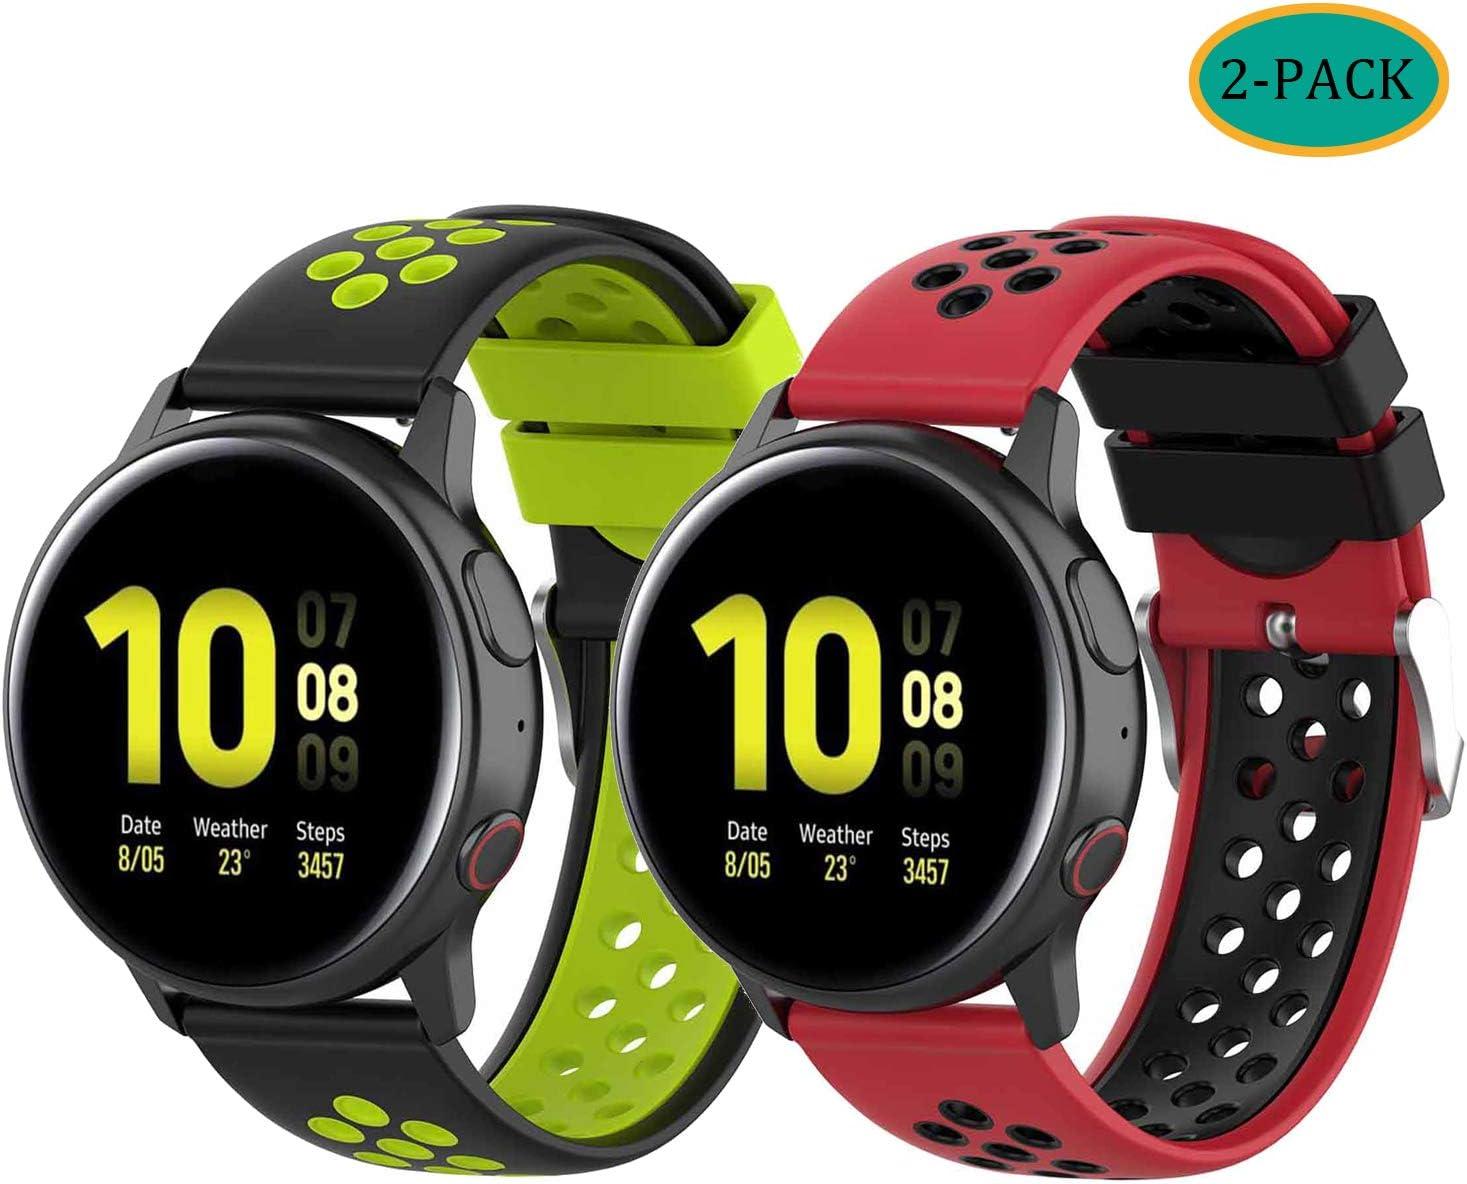 Mallas Para Reloj Garmin Vivoactive 3 Music (2 Unidades)